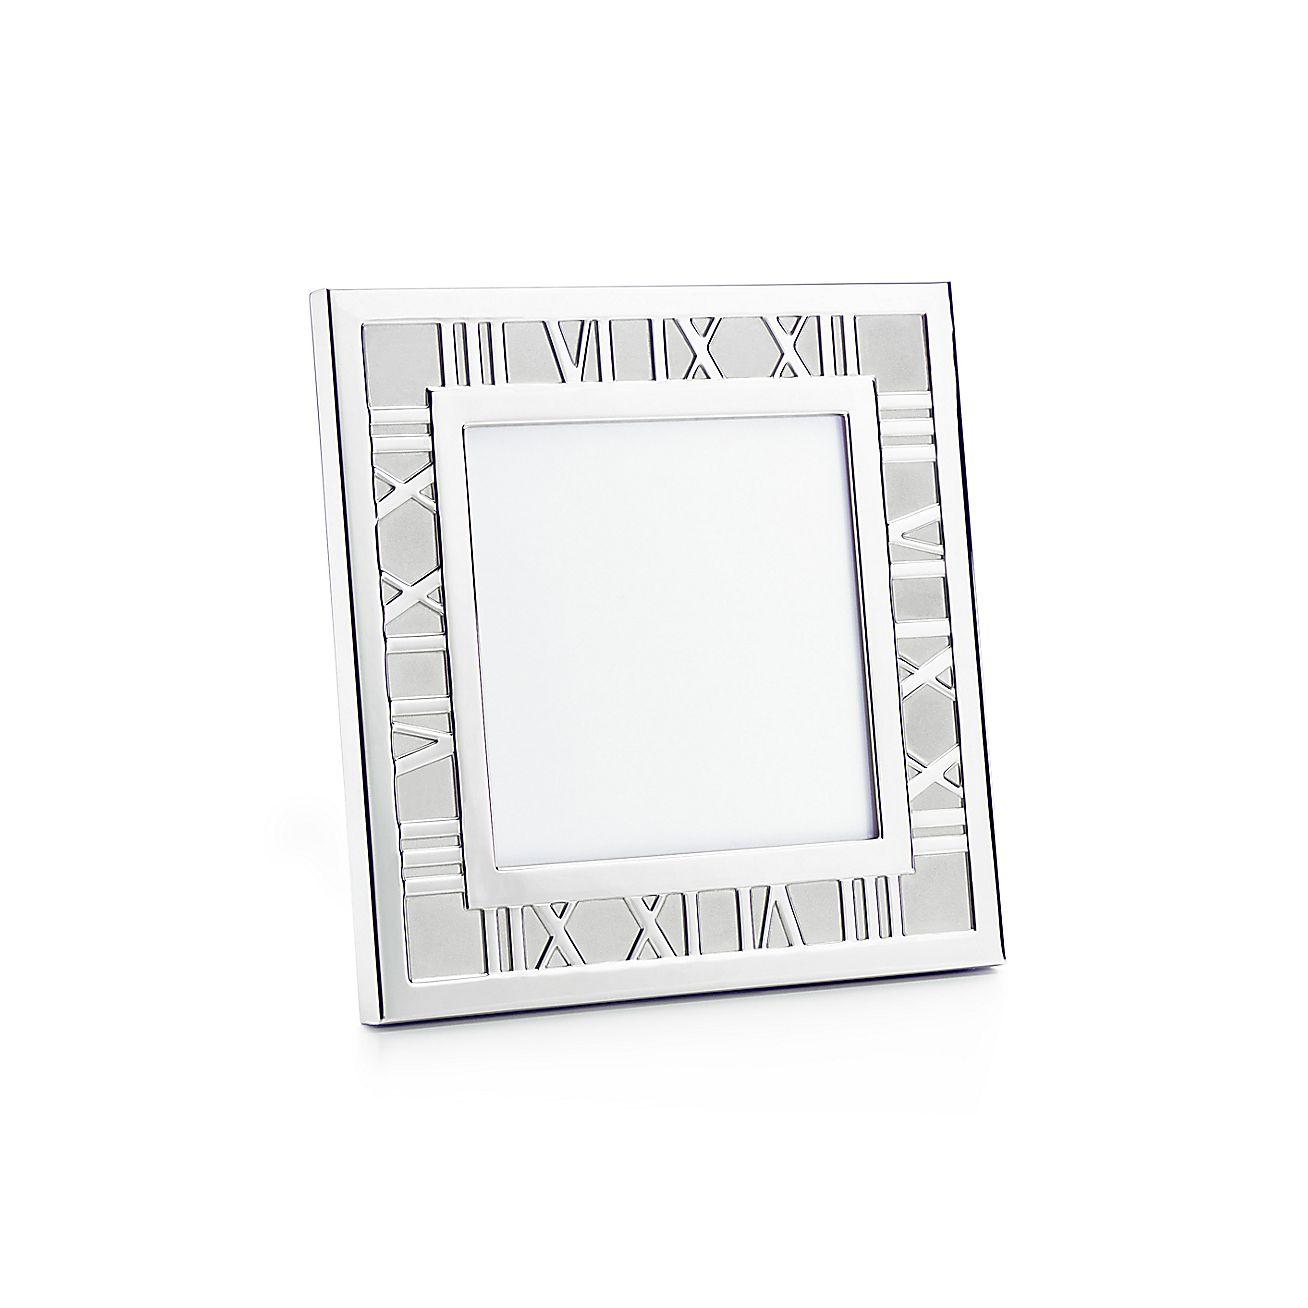 Atlas® frame